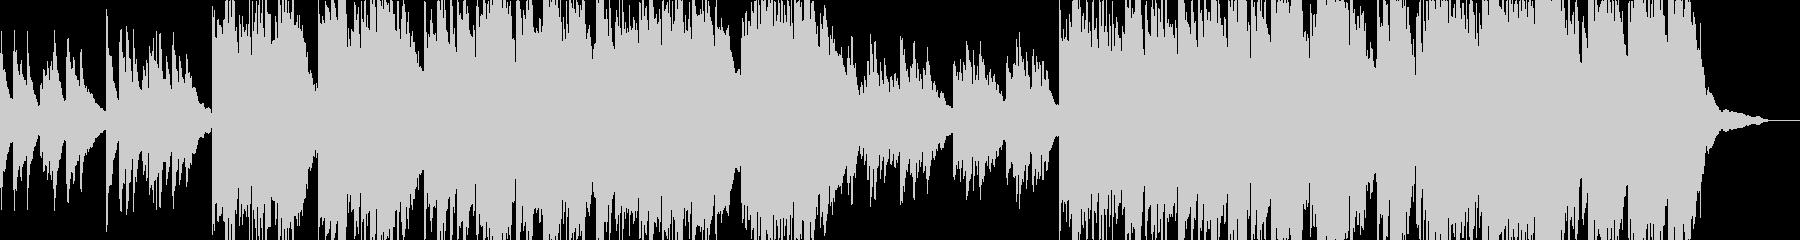 動画17 90年代ピアノソロ・TK? の未再生の波形